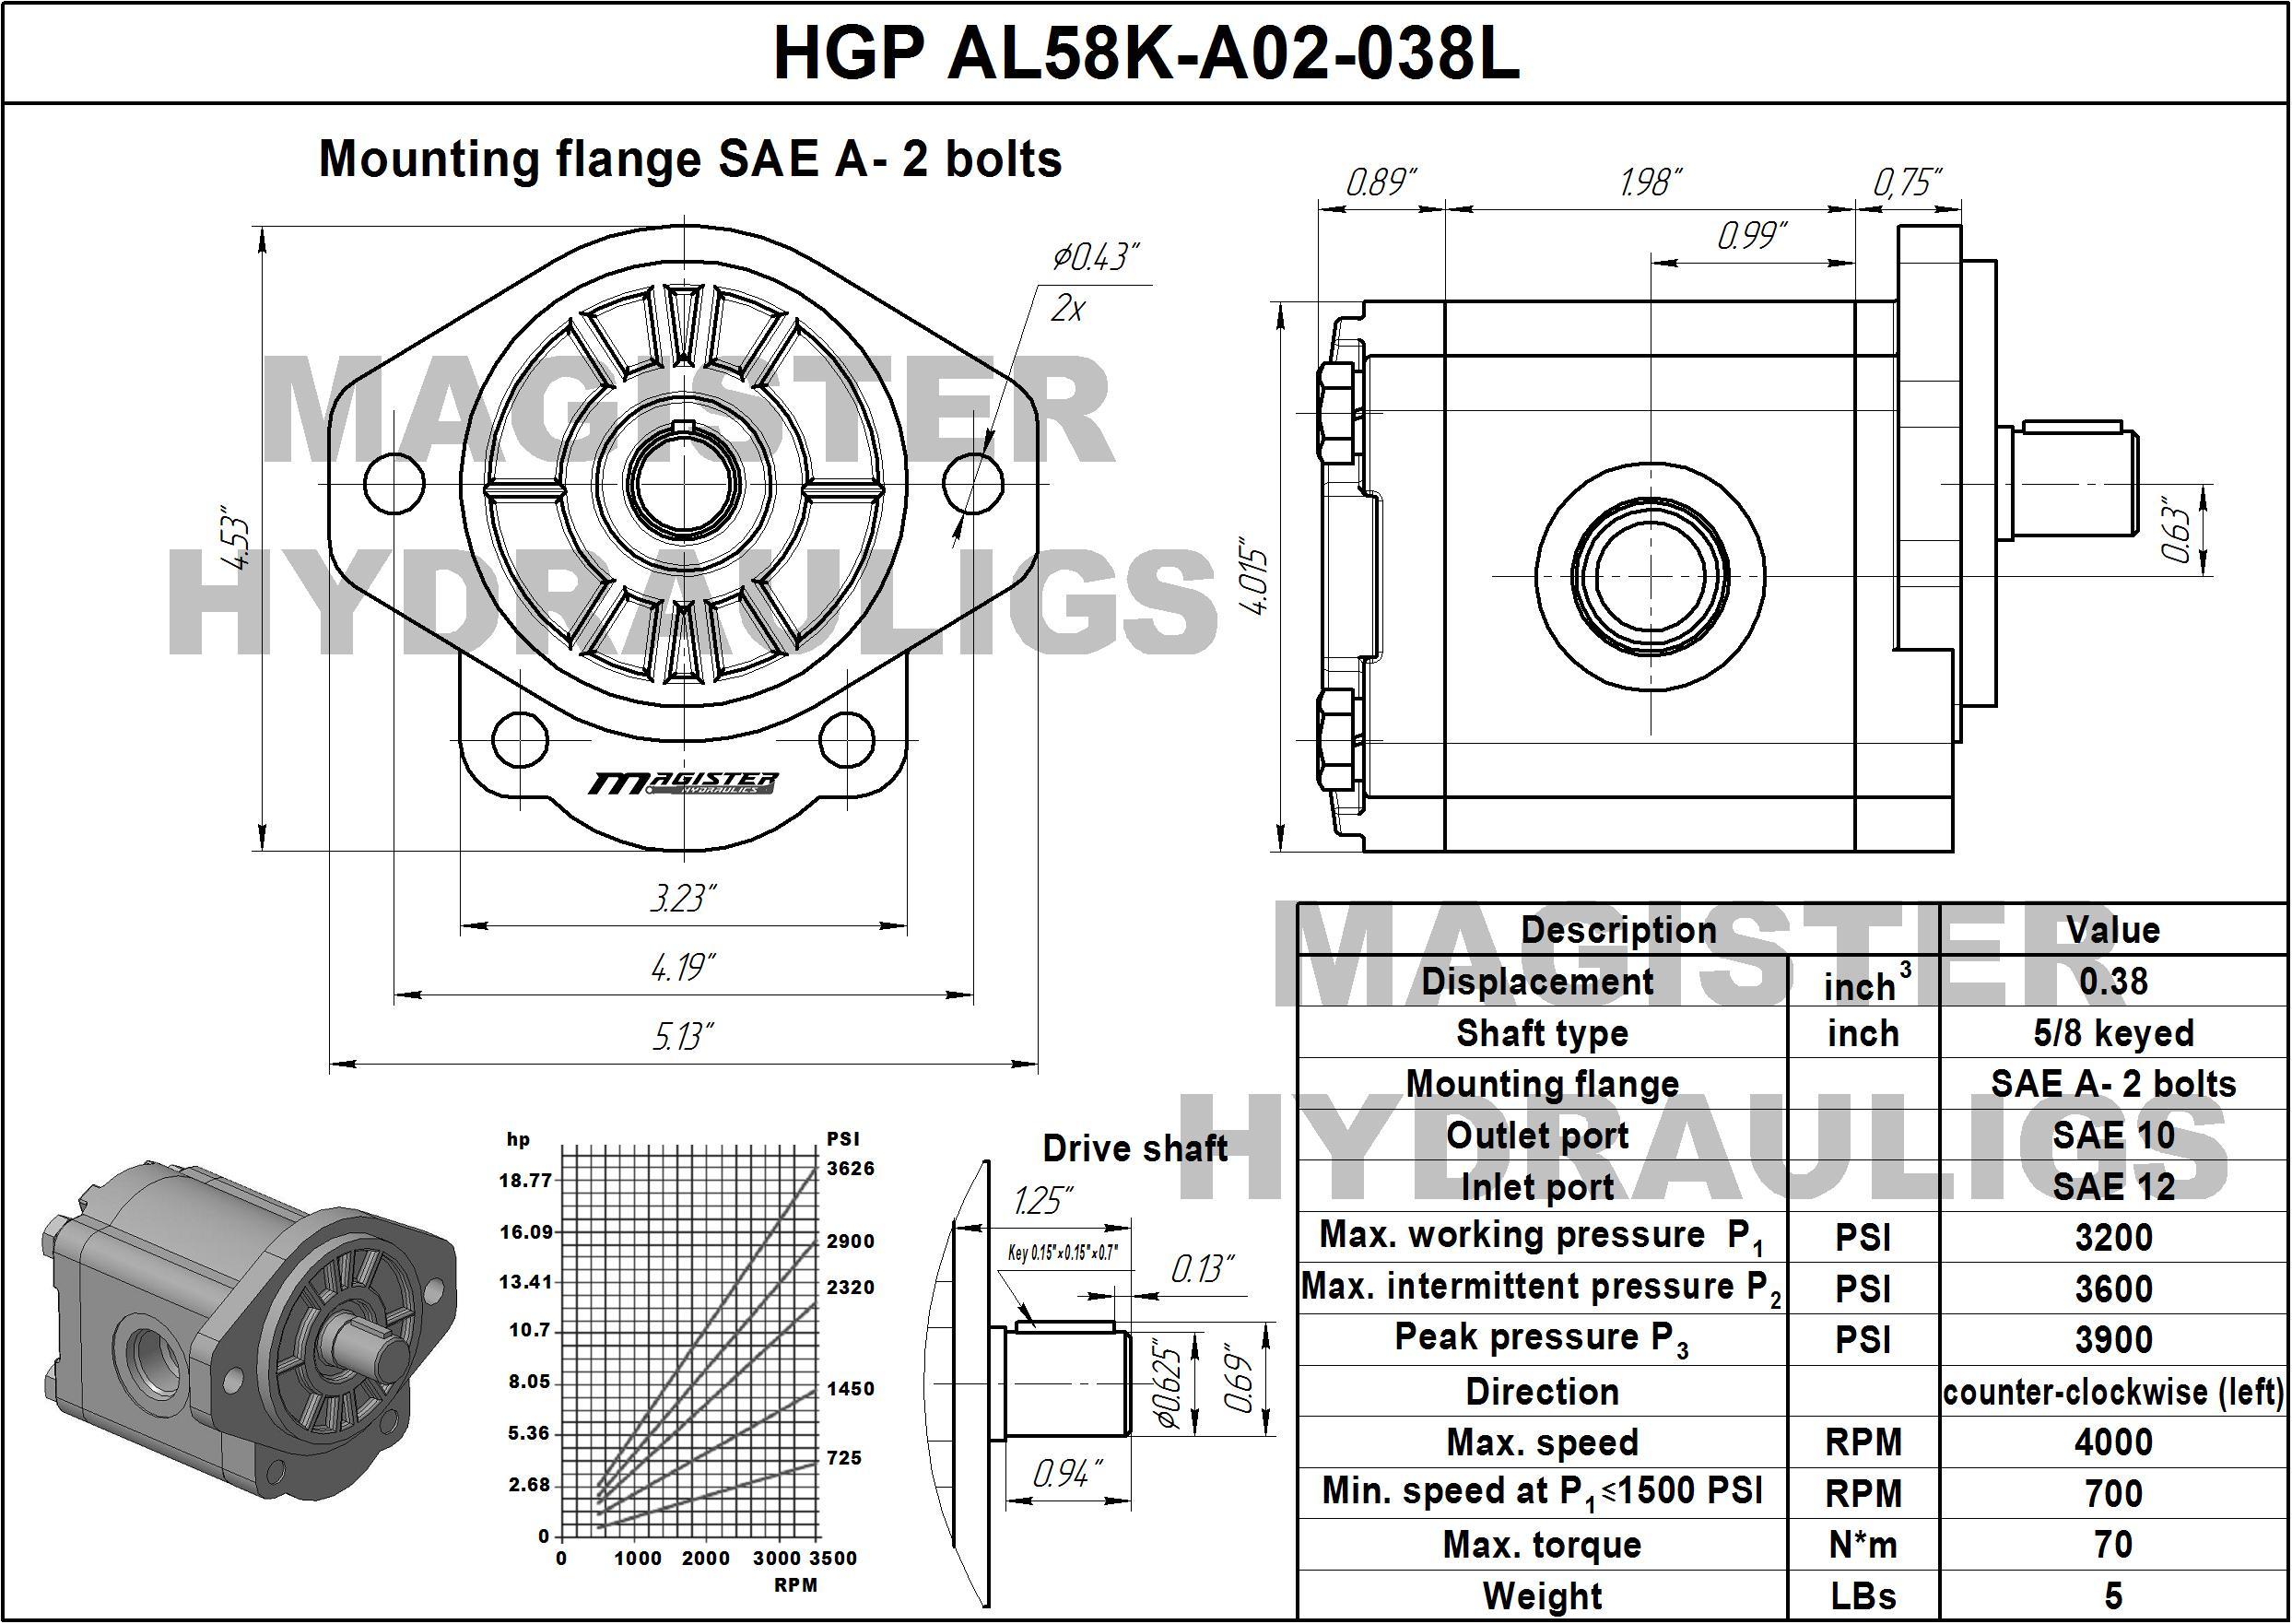 0.38 CID hydraulic gear pump, 5/8 keyed shaft counter-clockwise gear pump   Magister Hydraulics